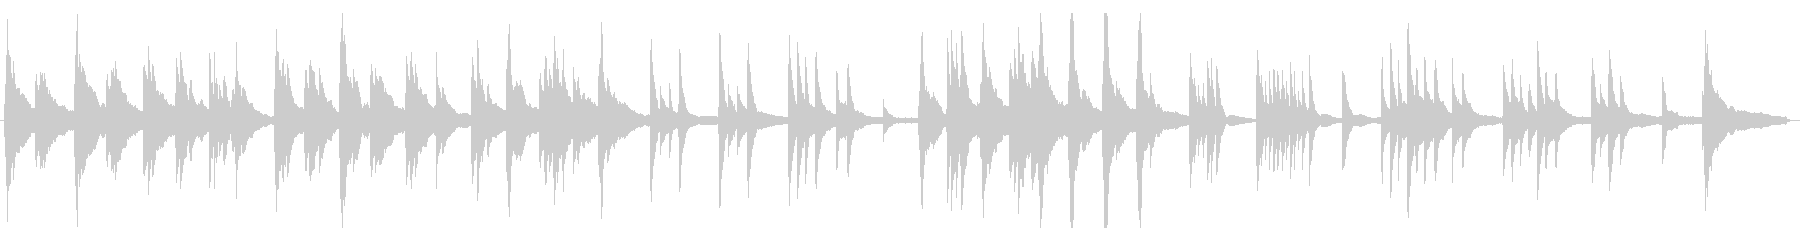 生ピアノの静かな曲の未再生の波形